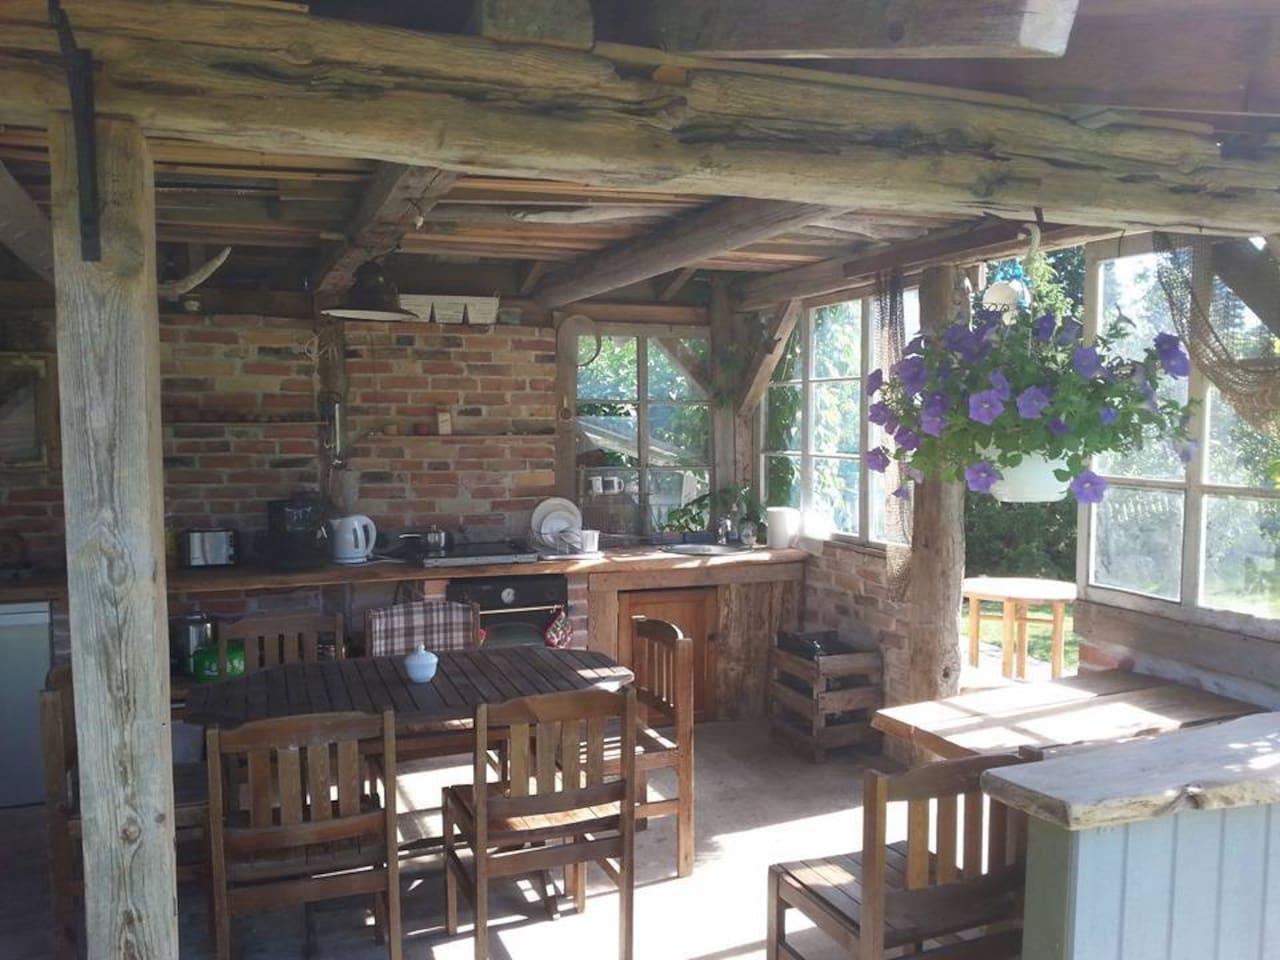 Summer kitchen in the garden